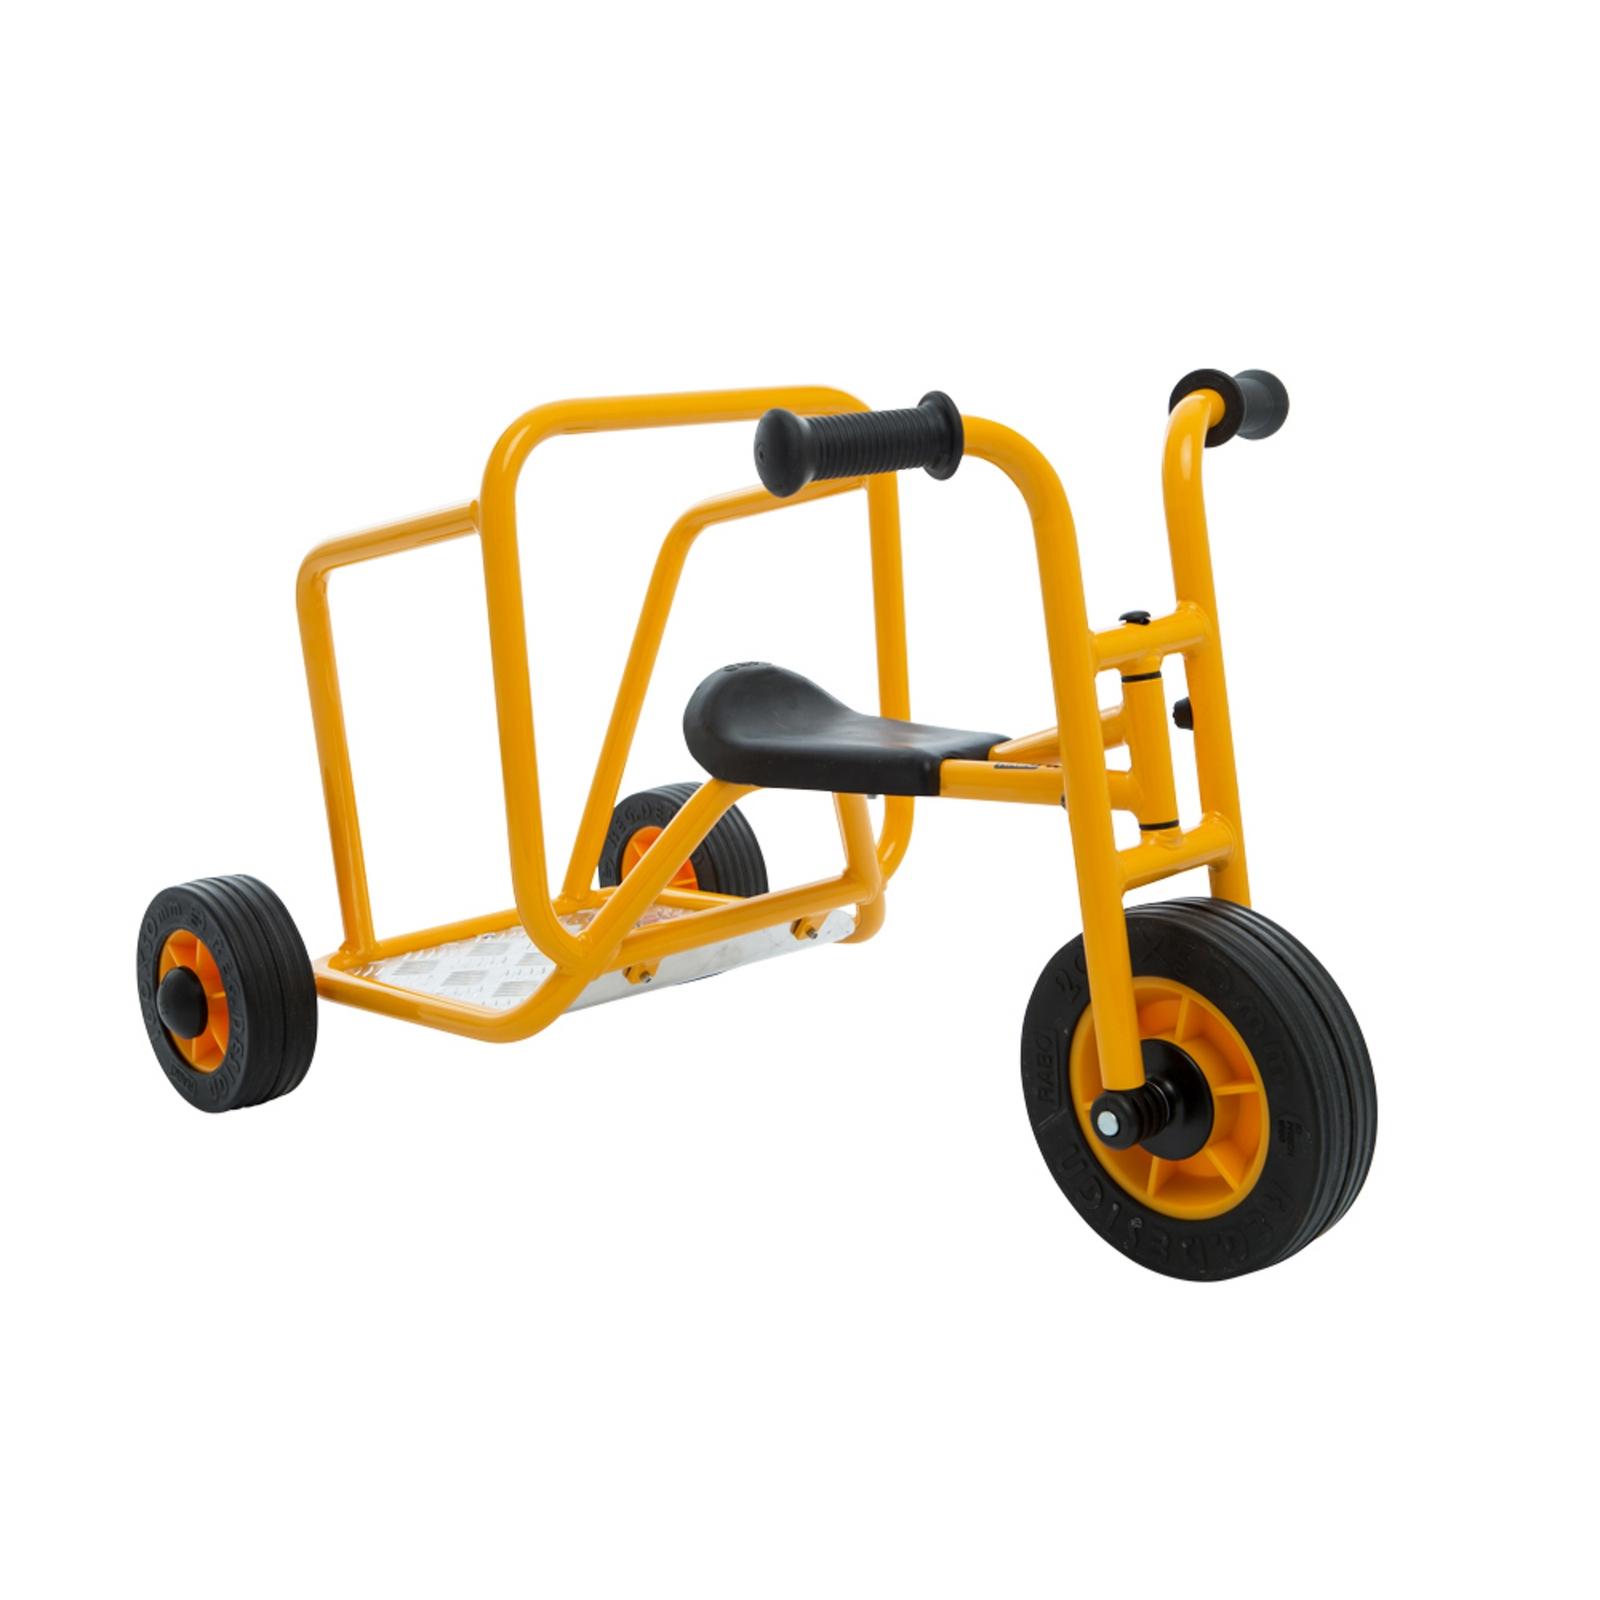 Rabo Mini Runner Chariot New 1 -4 Years